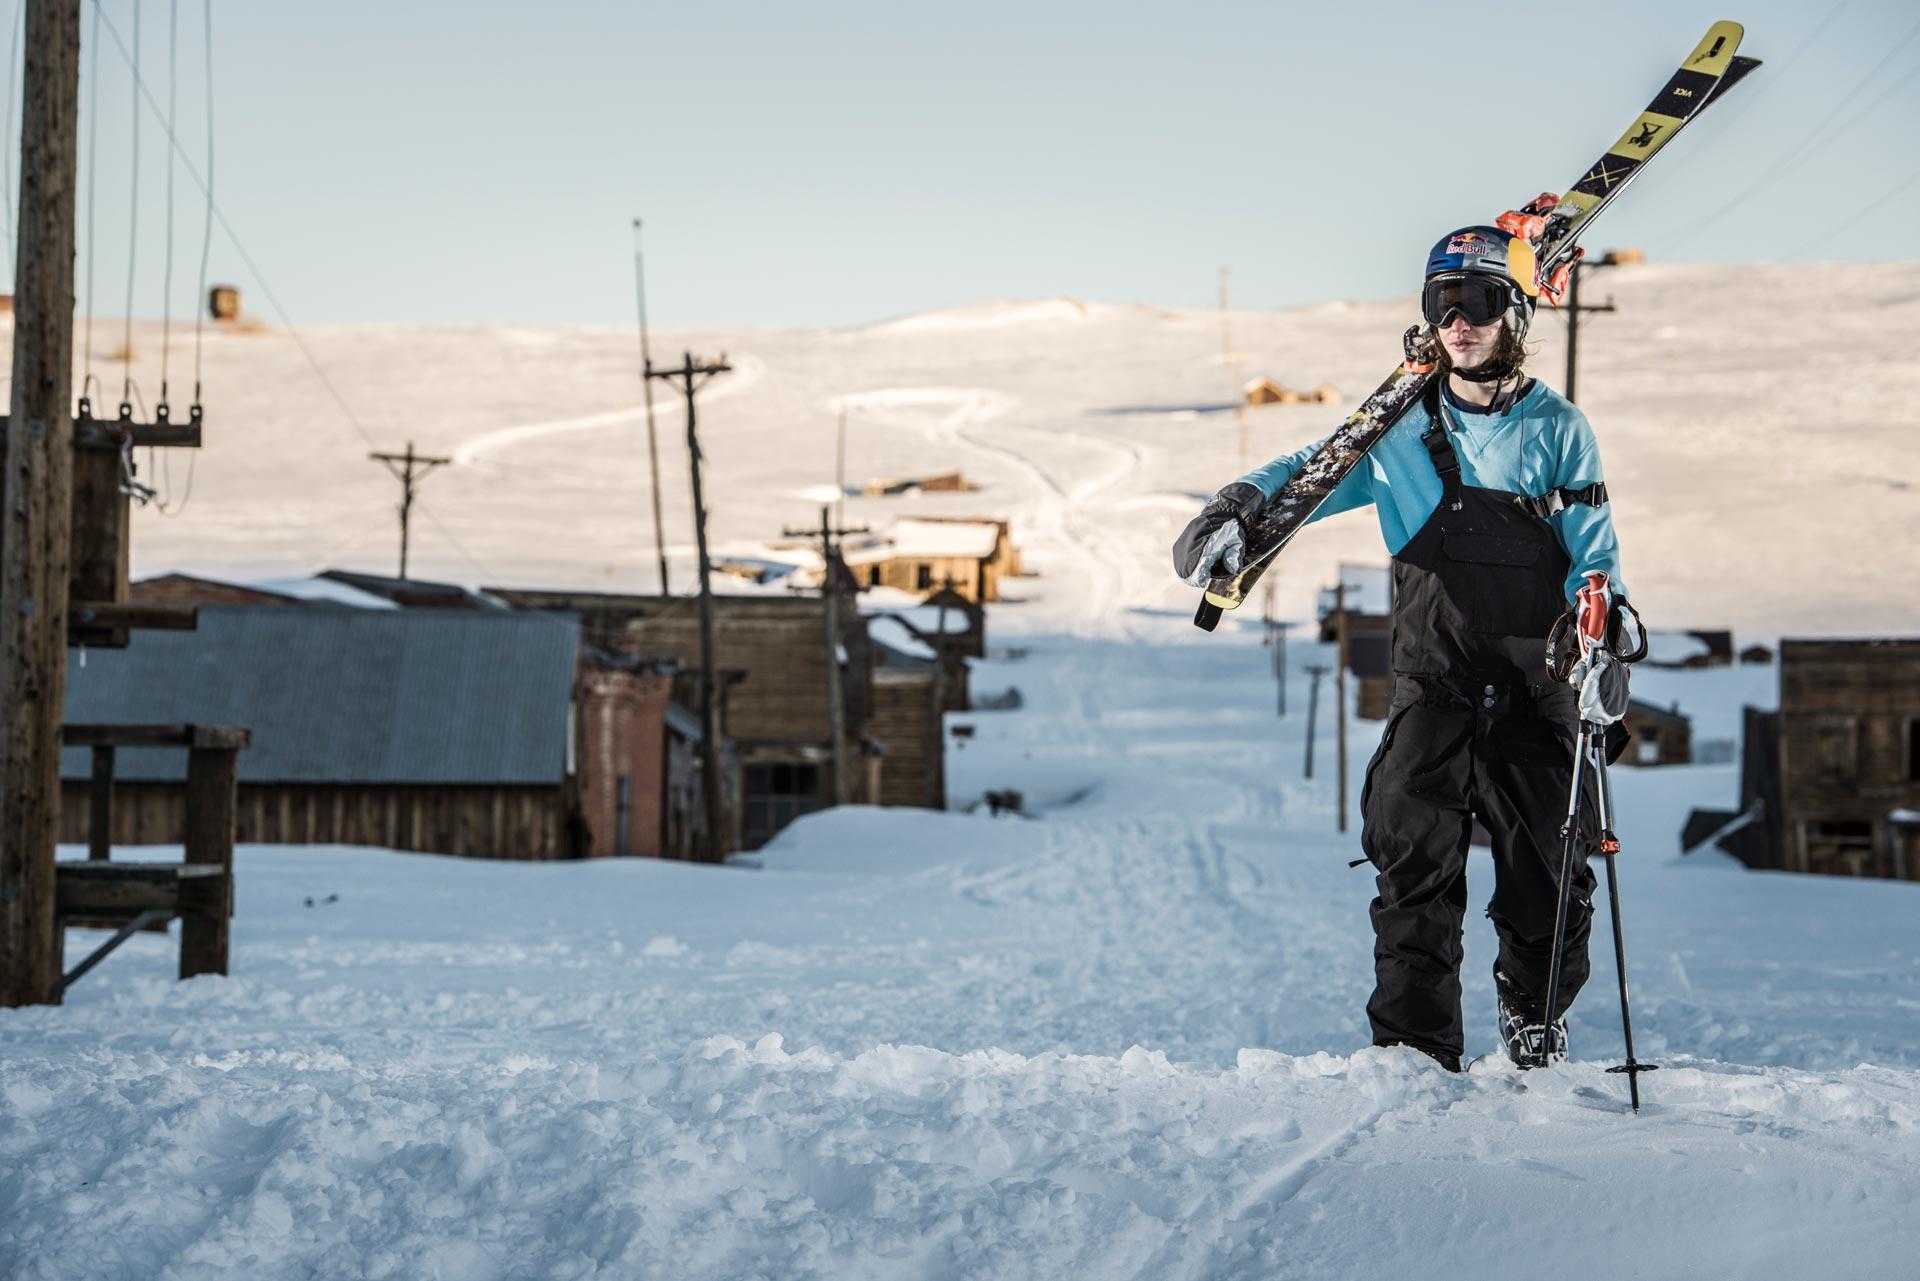 Erst durch die massiven Schneefälle an der Westküste in diesem Winter wurde es für Cody LaPlante möglich die Geisterstadt zu shredden - Foto: Red Bull Content Pool